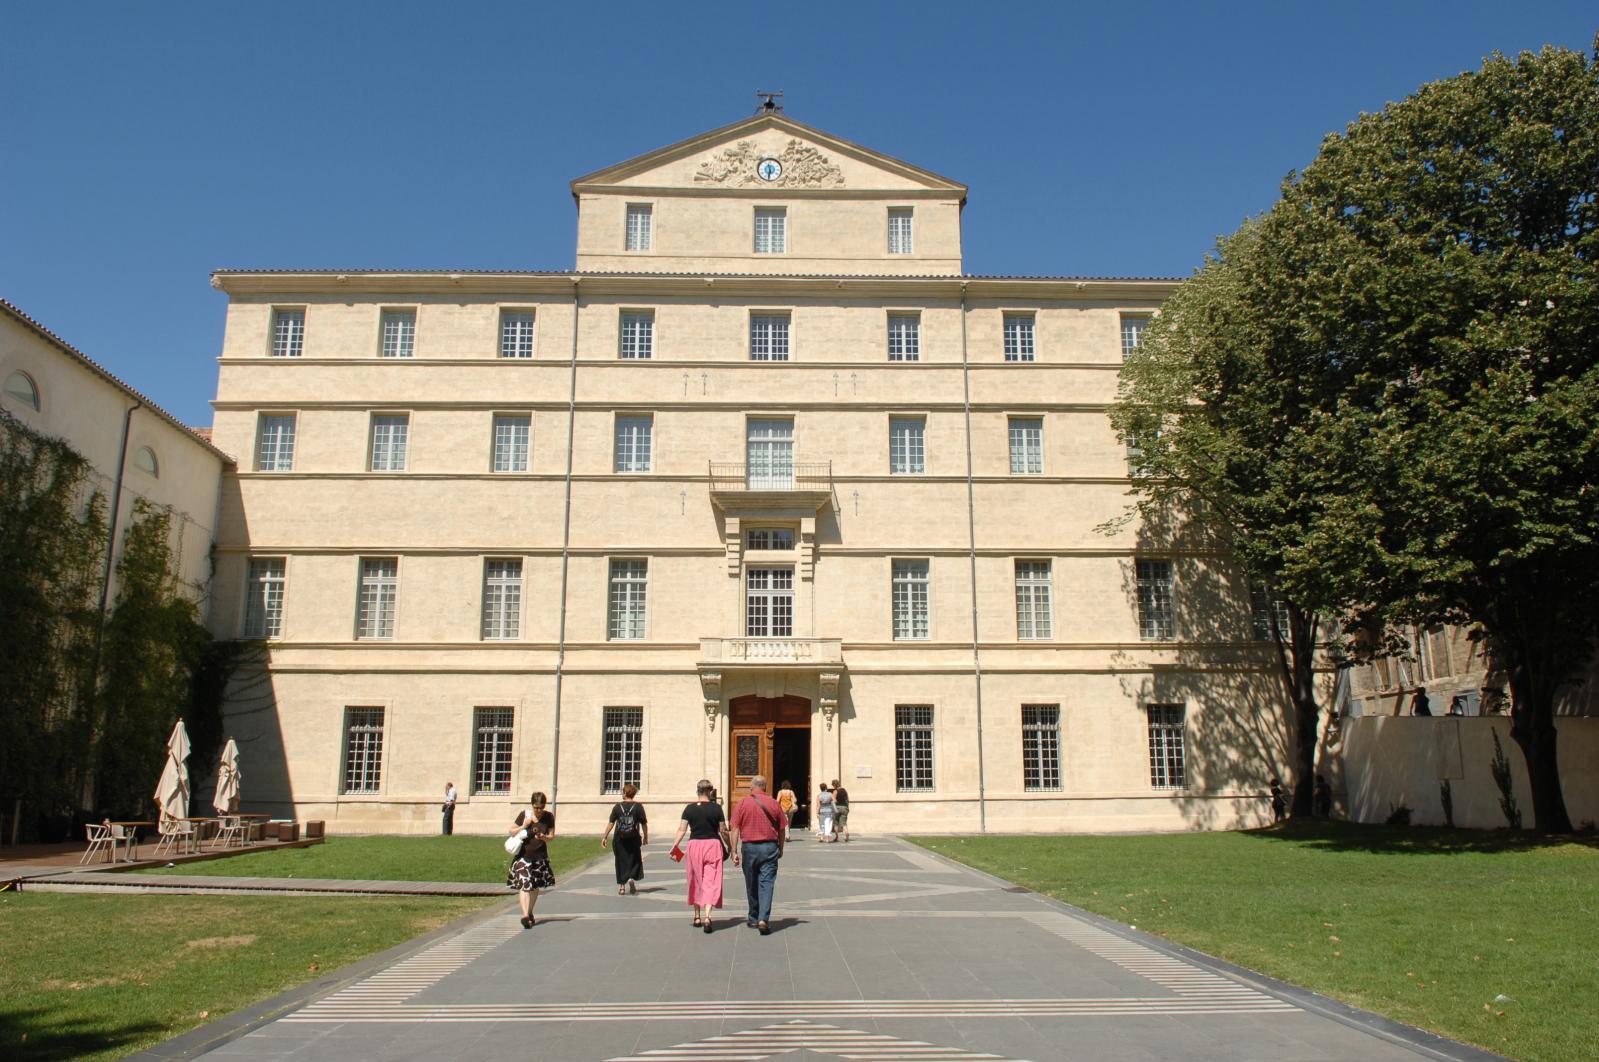 Le musée Fabre a pris place dans l'hôtel de Massilian, datant du XVIIIesiècle. © Musée Fabre de Montpellier Méditerranée Métropole